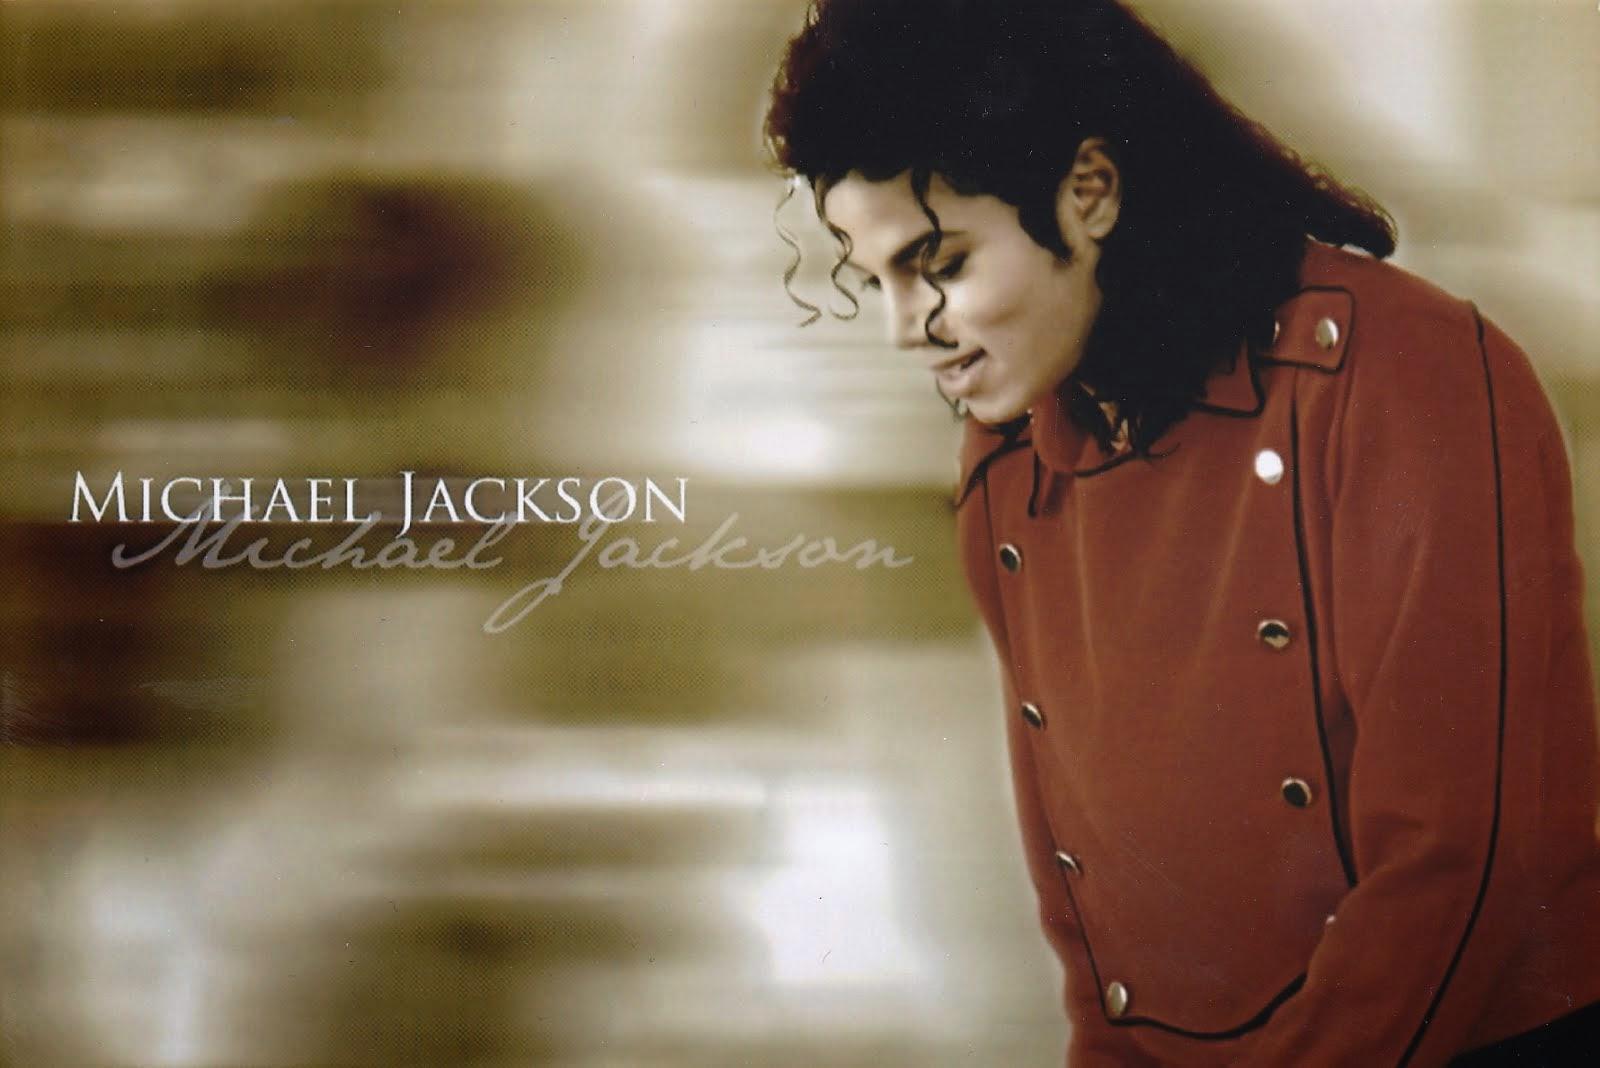 «Michael Jackson liv i bilder og div annet» sist oppdatert 21.09.2015